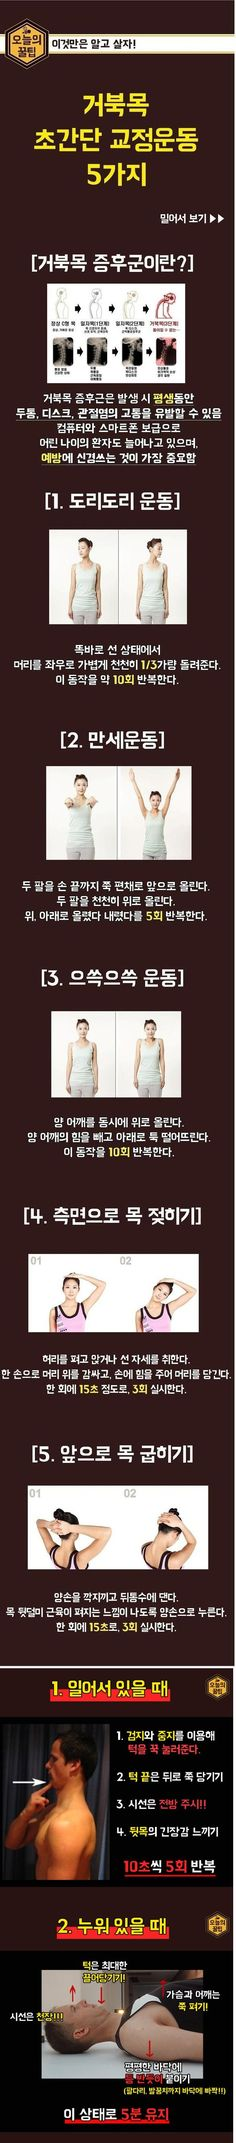 이슈인 - 거북목 초간단 교정 운동